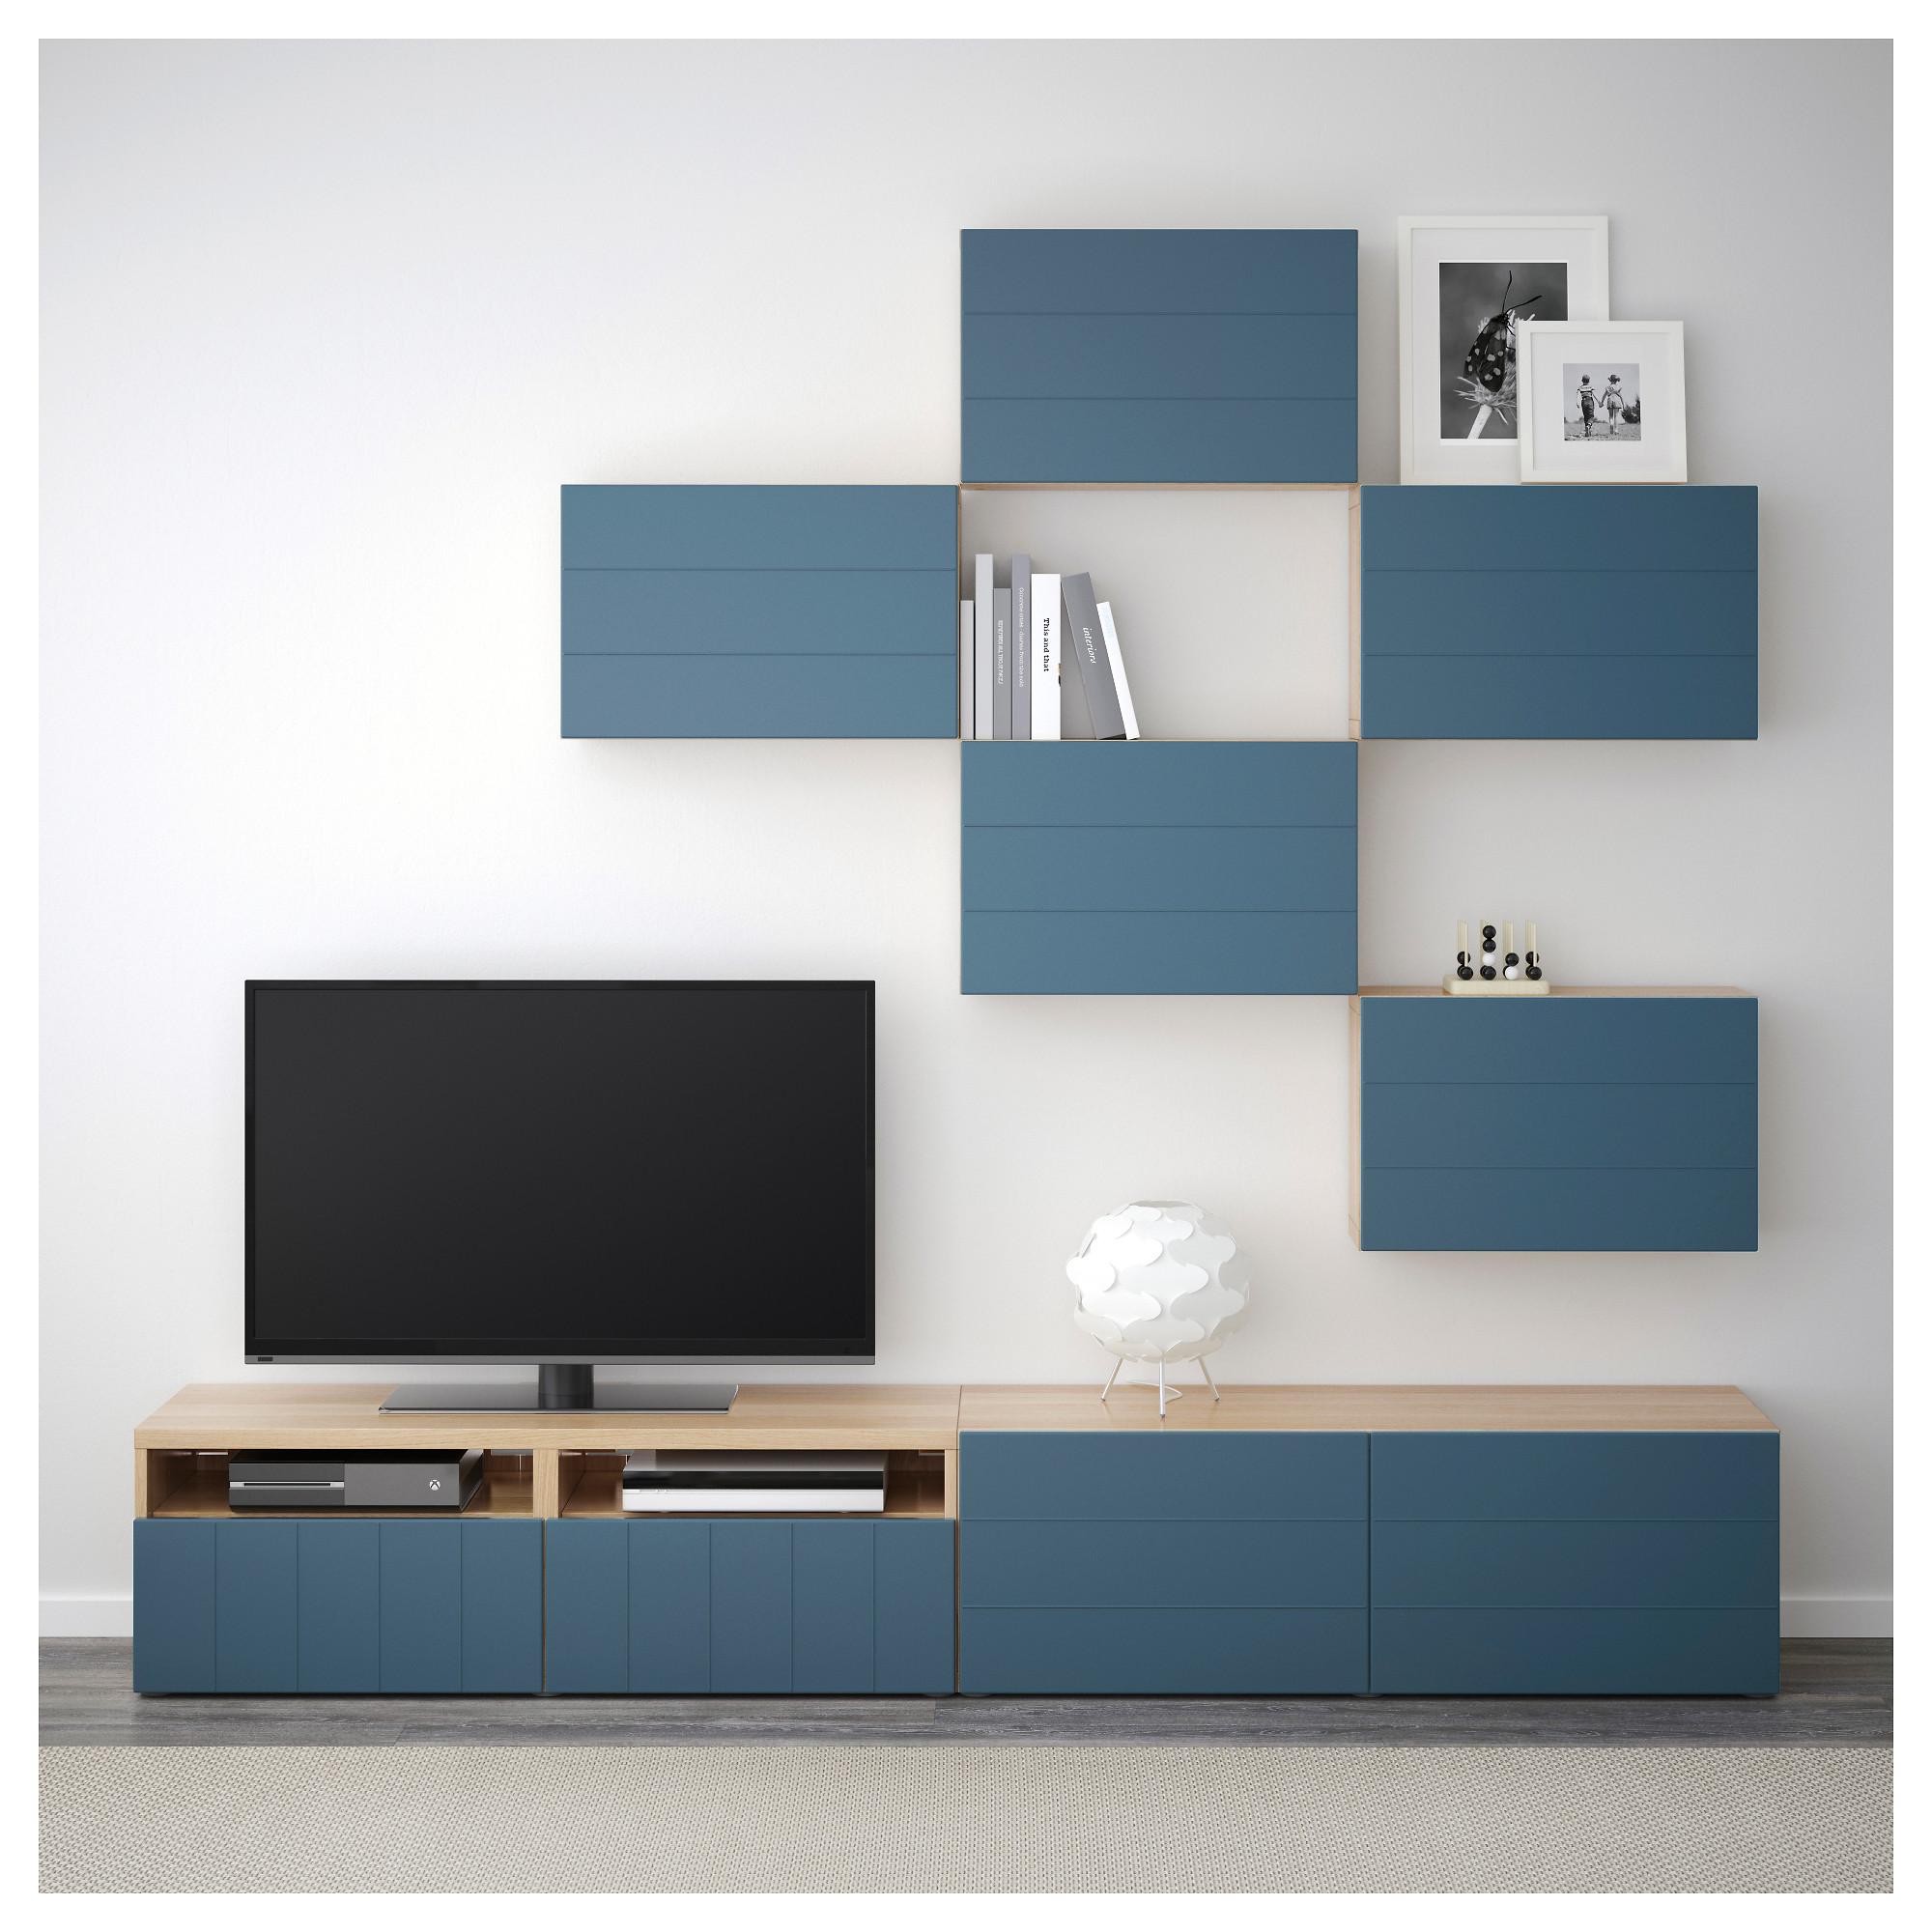 Шкаф для ТВ, комбинация БЕСТО темно-синий артикуль № 592.761.29 в наличии. Интернет сайт IKEA Беларусь. Быстрая доставка и соборка.